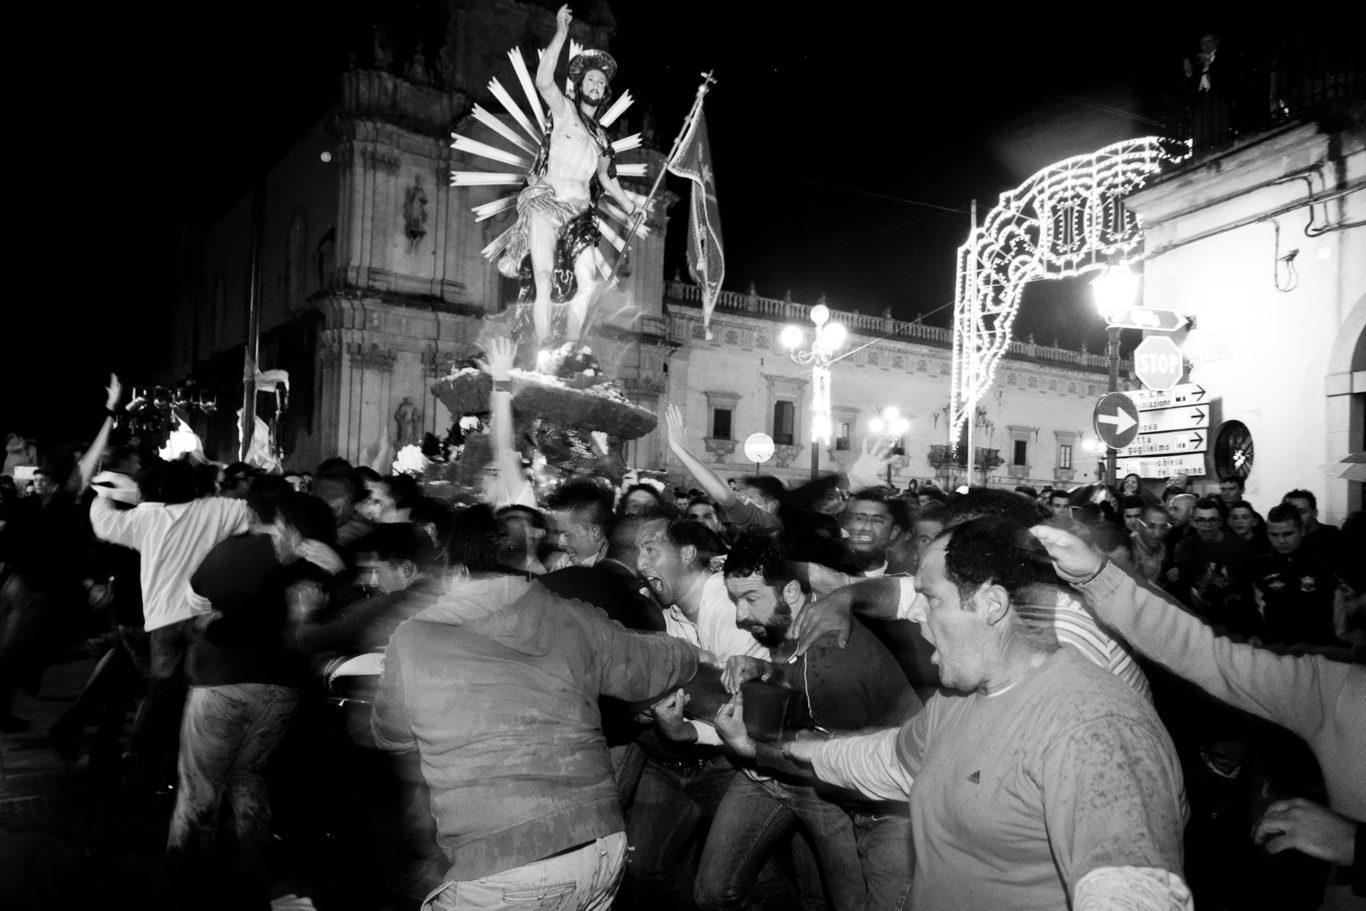 Scicli - I luoghi delle celebrazioni per la pasqua nella citta' sicialiana di Scicli.